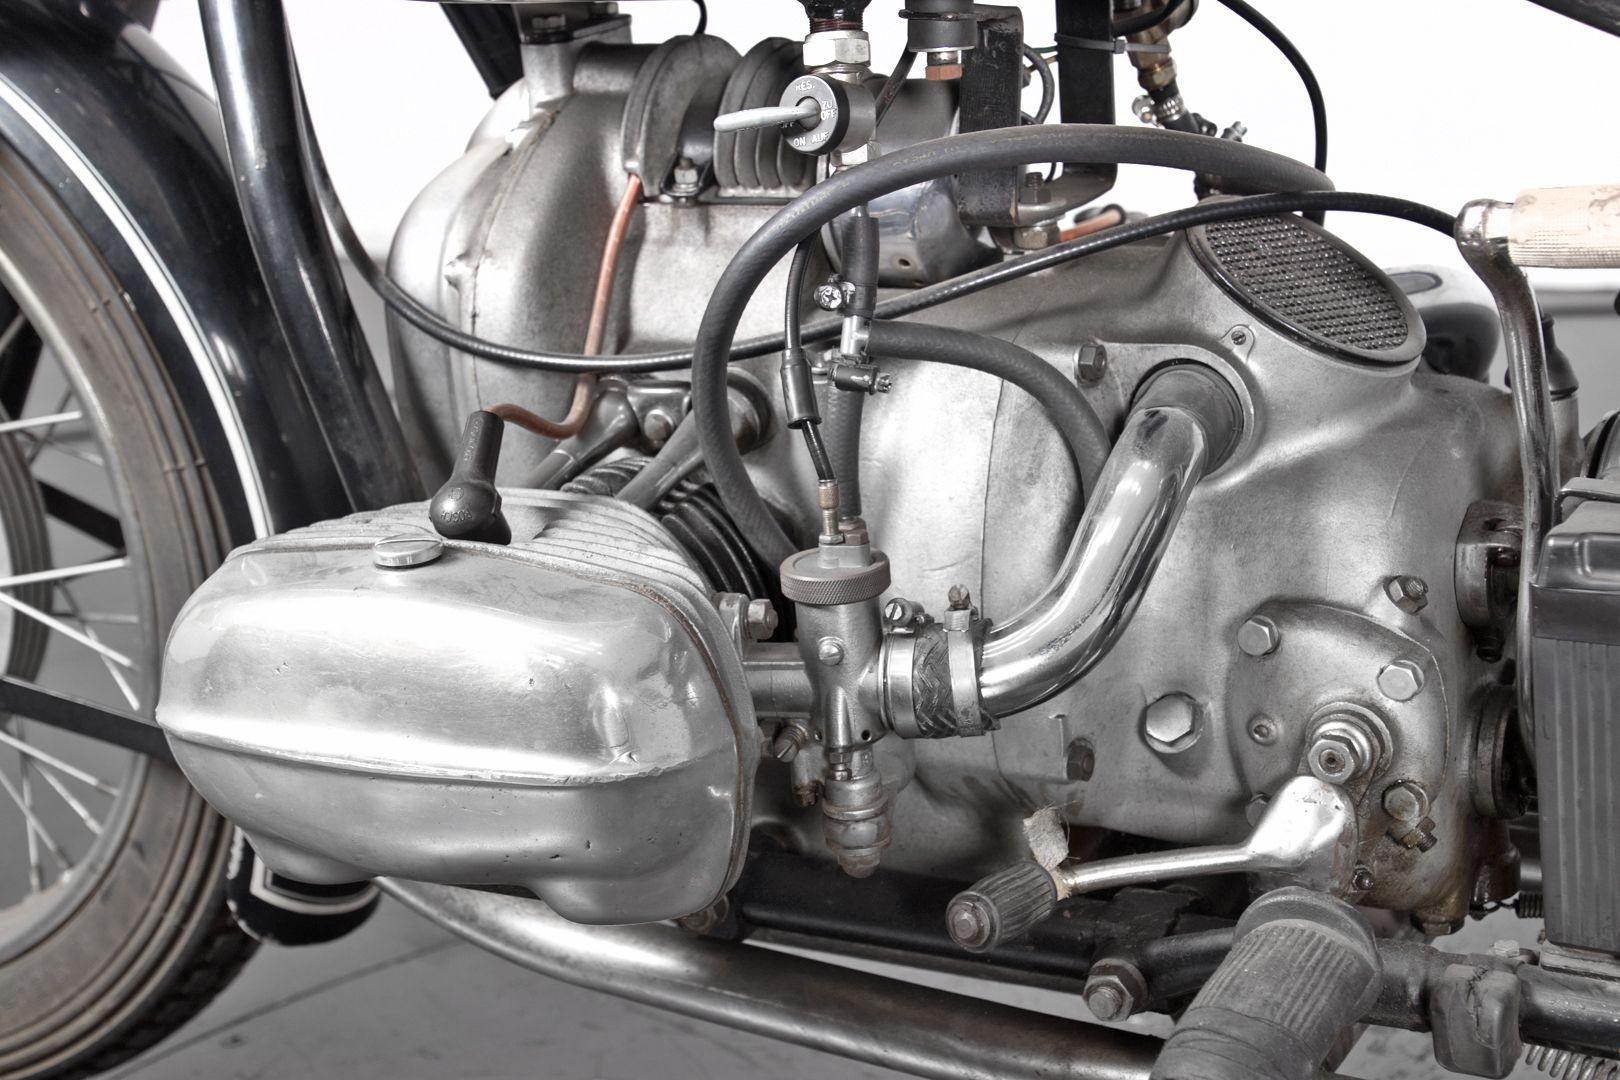 1946 Bmw 500 R 51 41280